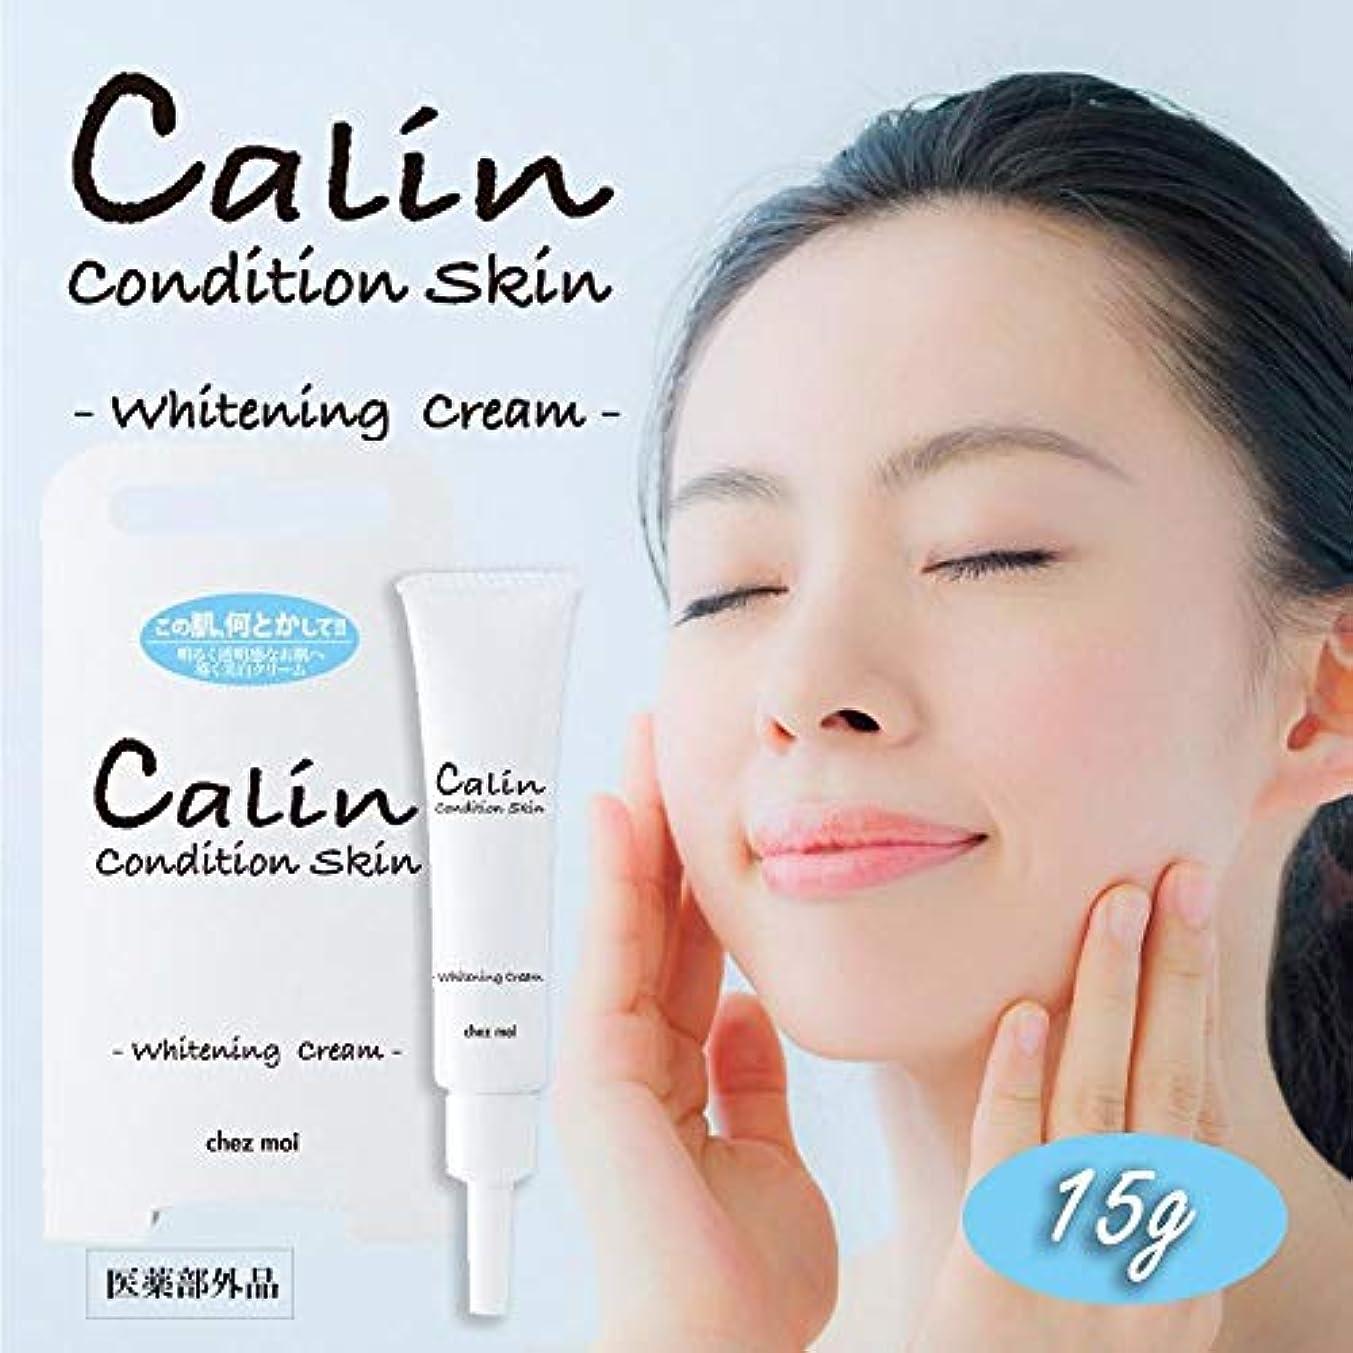 モスクもう一度ピケCalin(カリン) Condition Skin ‐Whitening Cream‐(ホワイトニングクリーム) 医薬部外品 15g